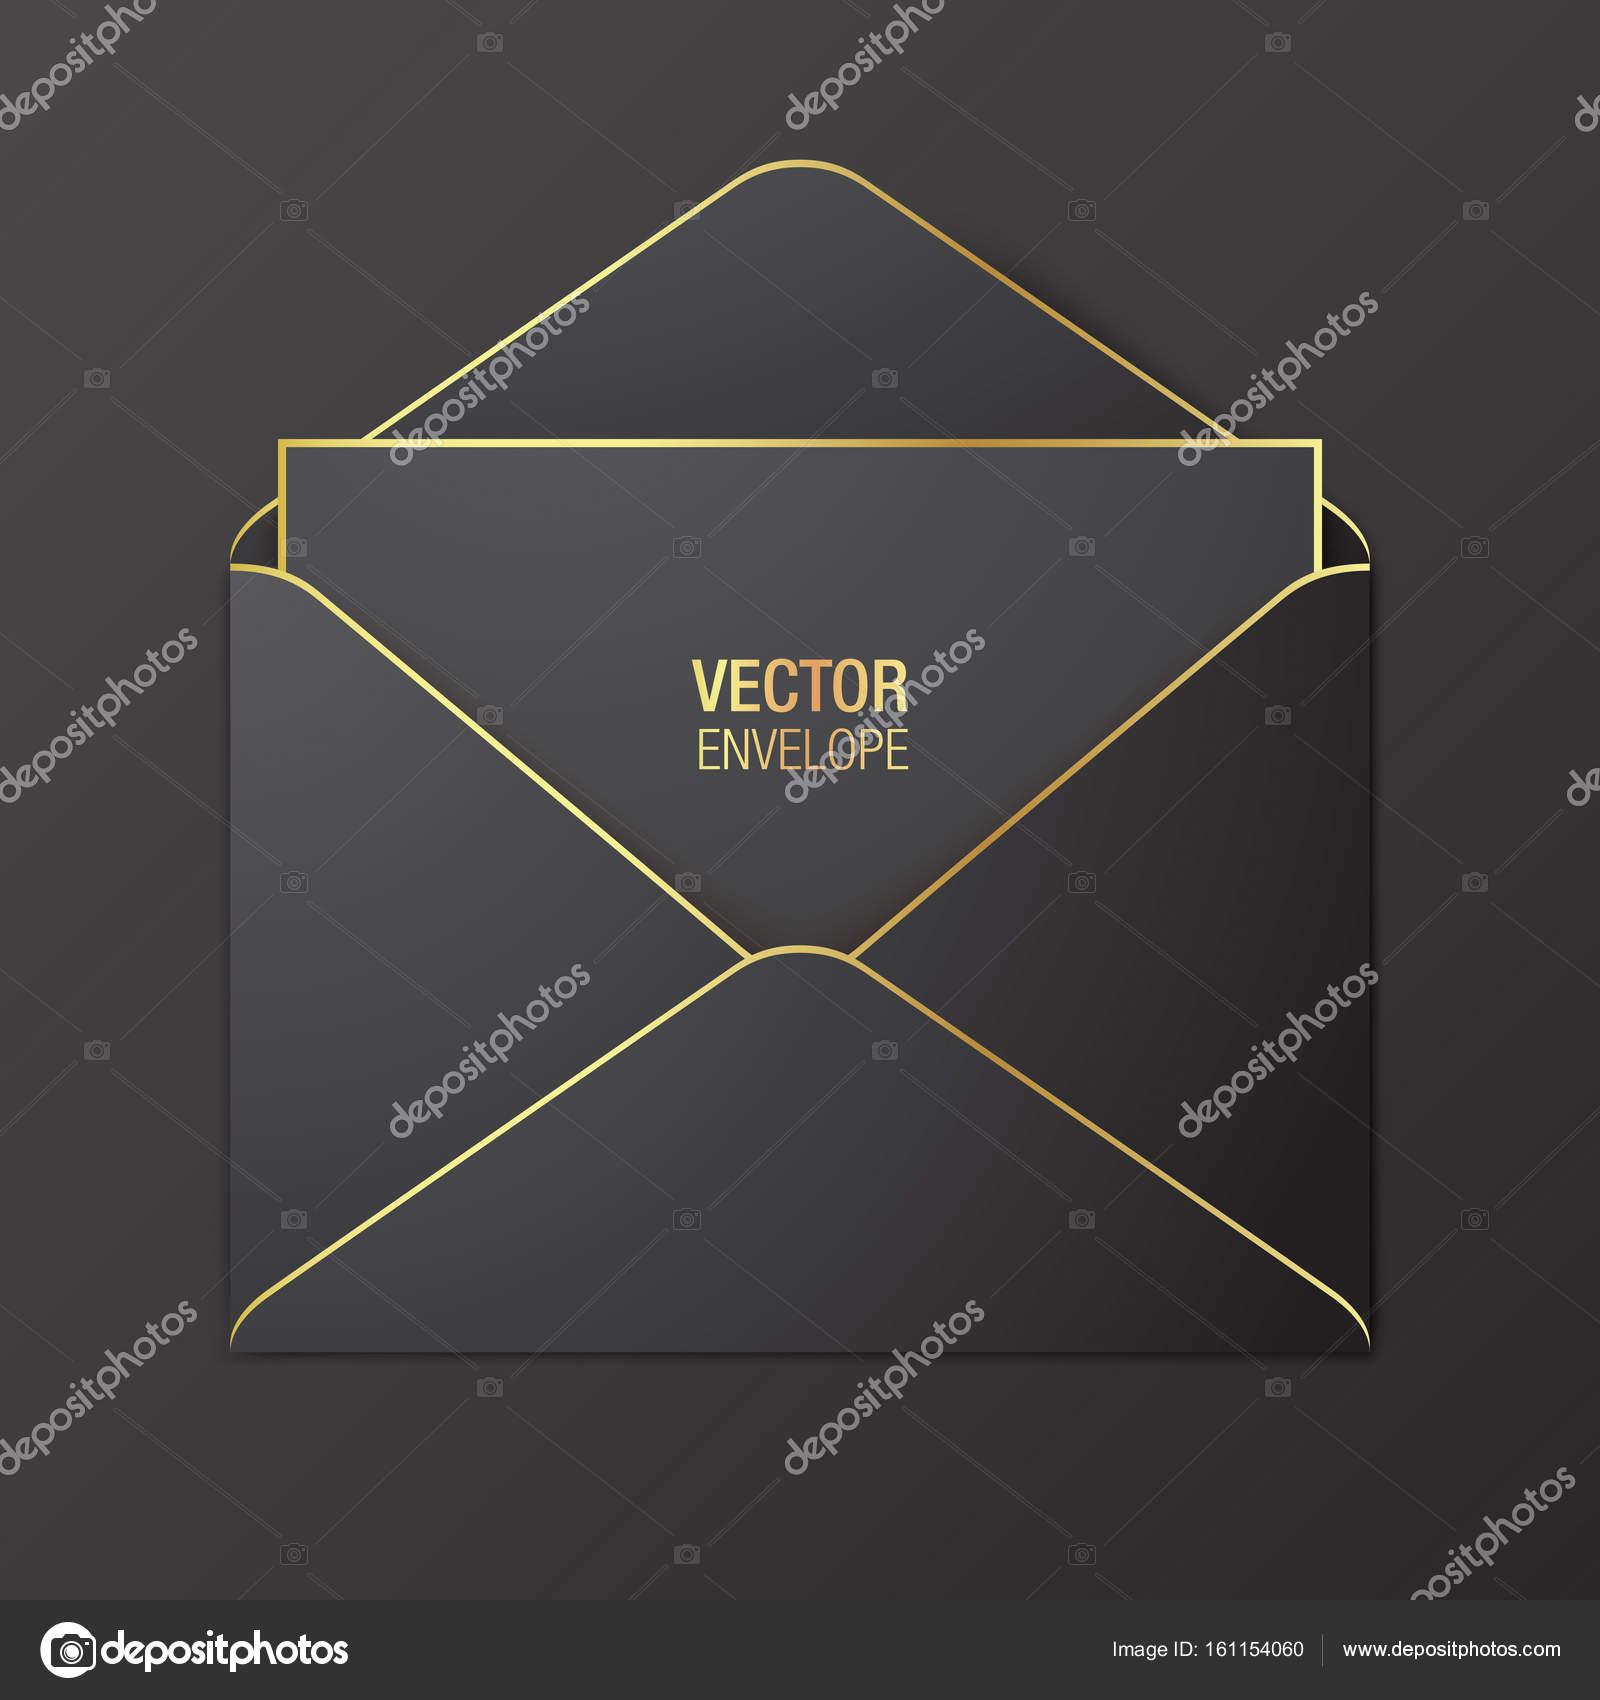 Schwarzen Vektor Briefumschlag Vorlage Stockvektor Topicha